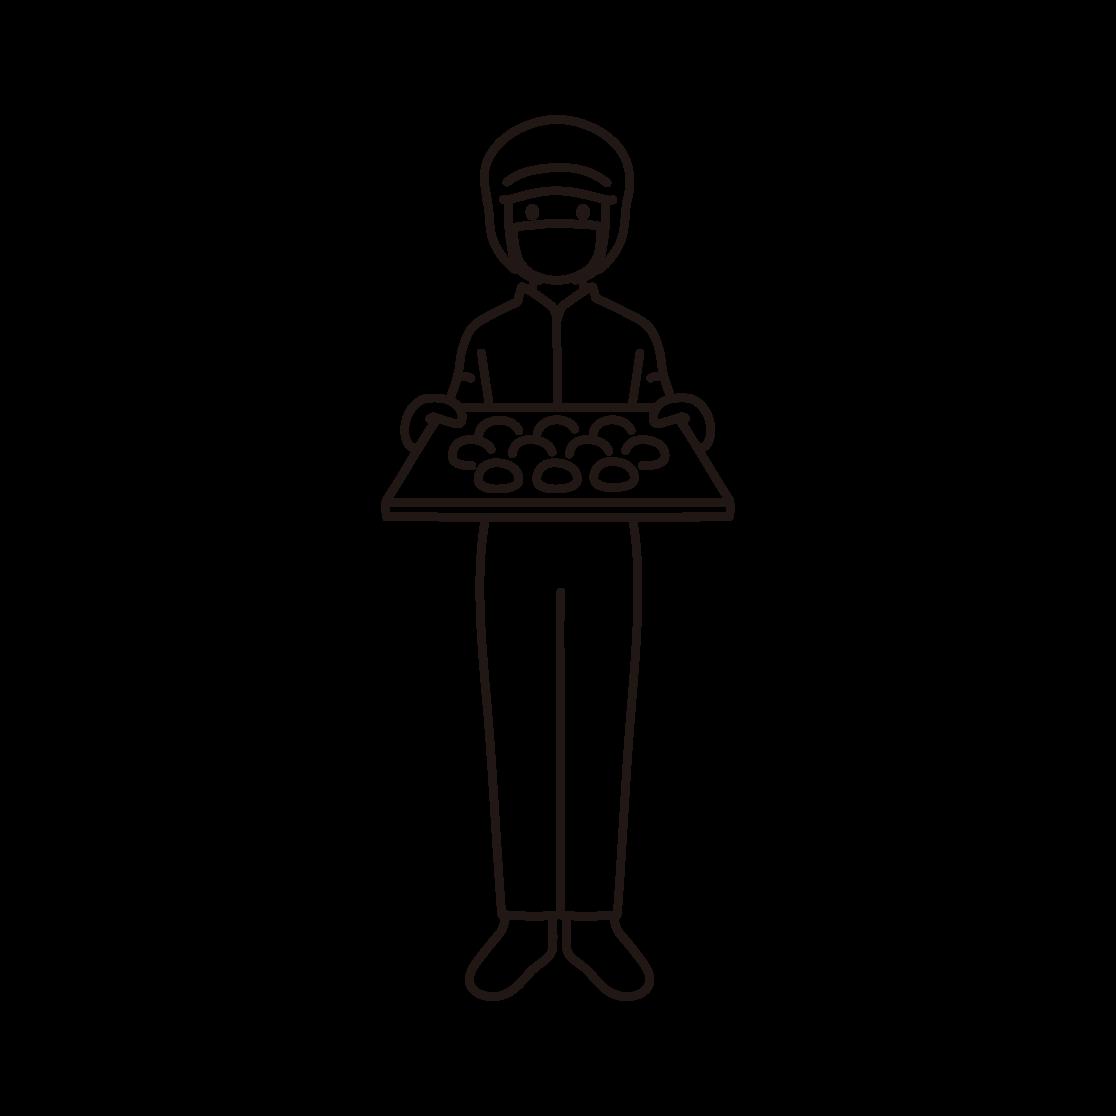 パン工場の女性スタッフの線画イラスト